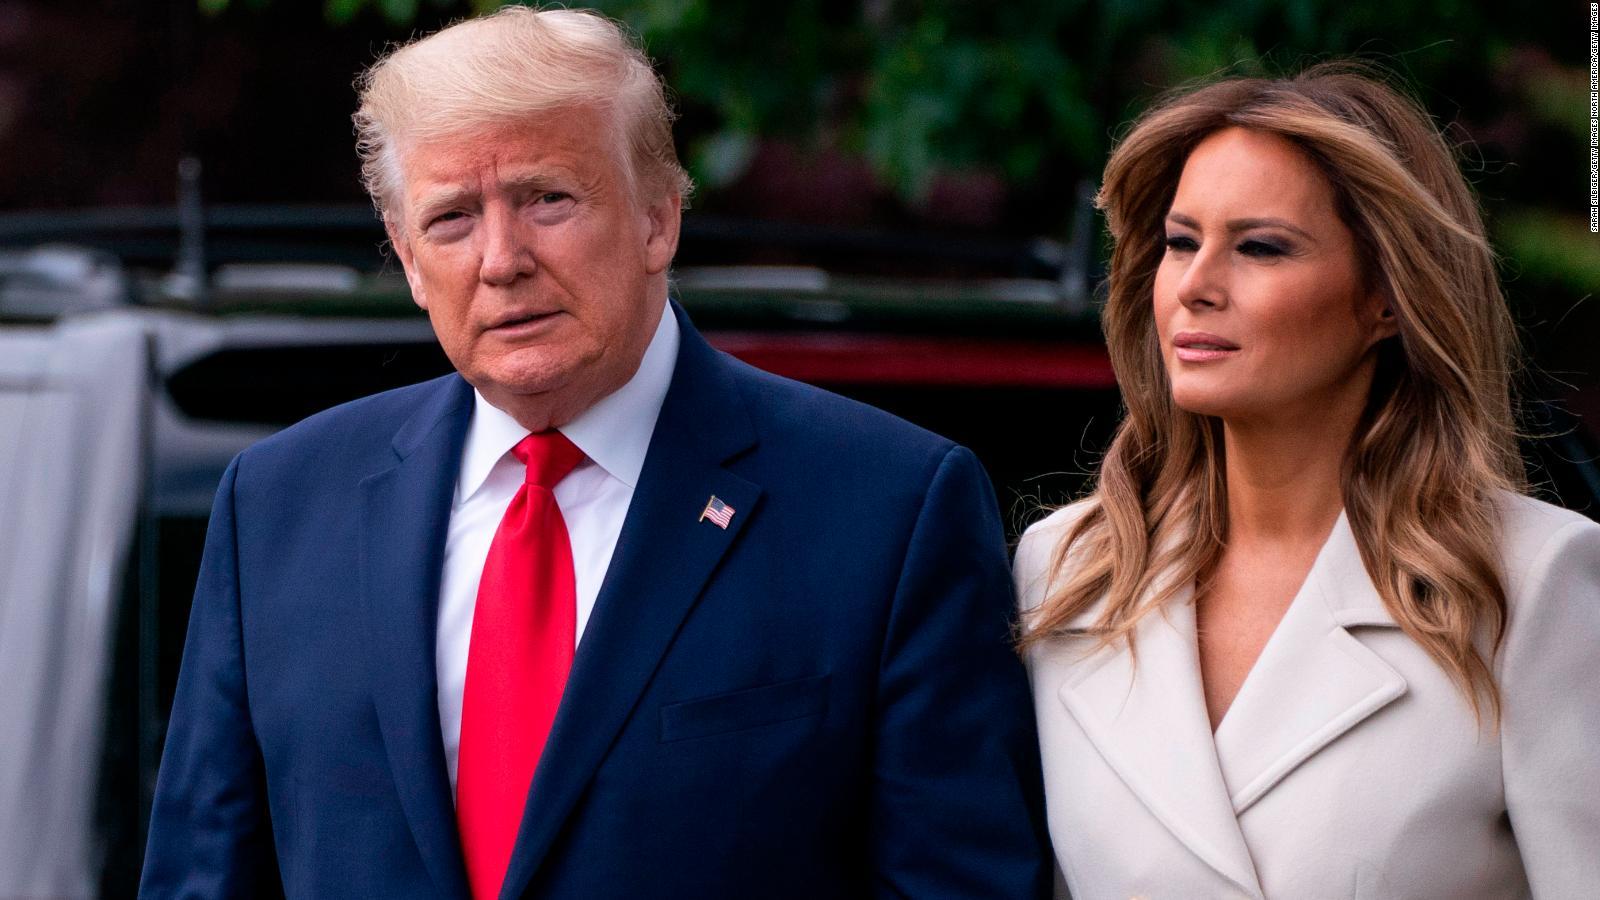 Προεδρία Ντόναλντ Τραμπ και εξωτερική πολιτική – Τα εθνικά συμφέροντα «οδηγός» της διπλωματίας